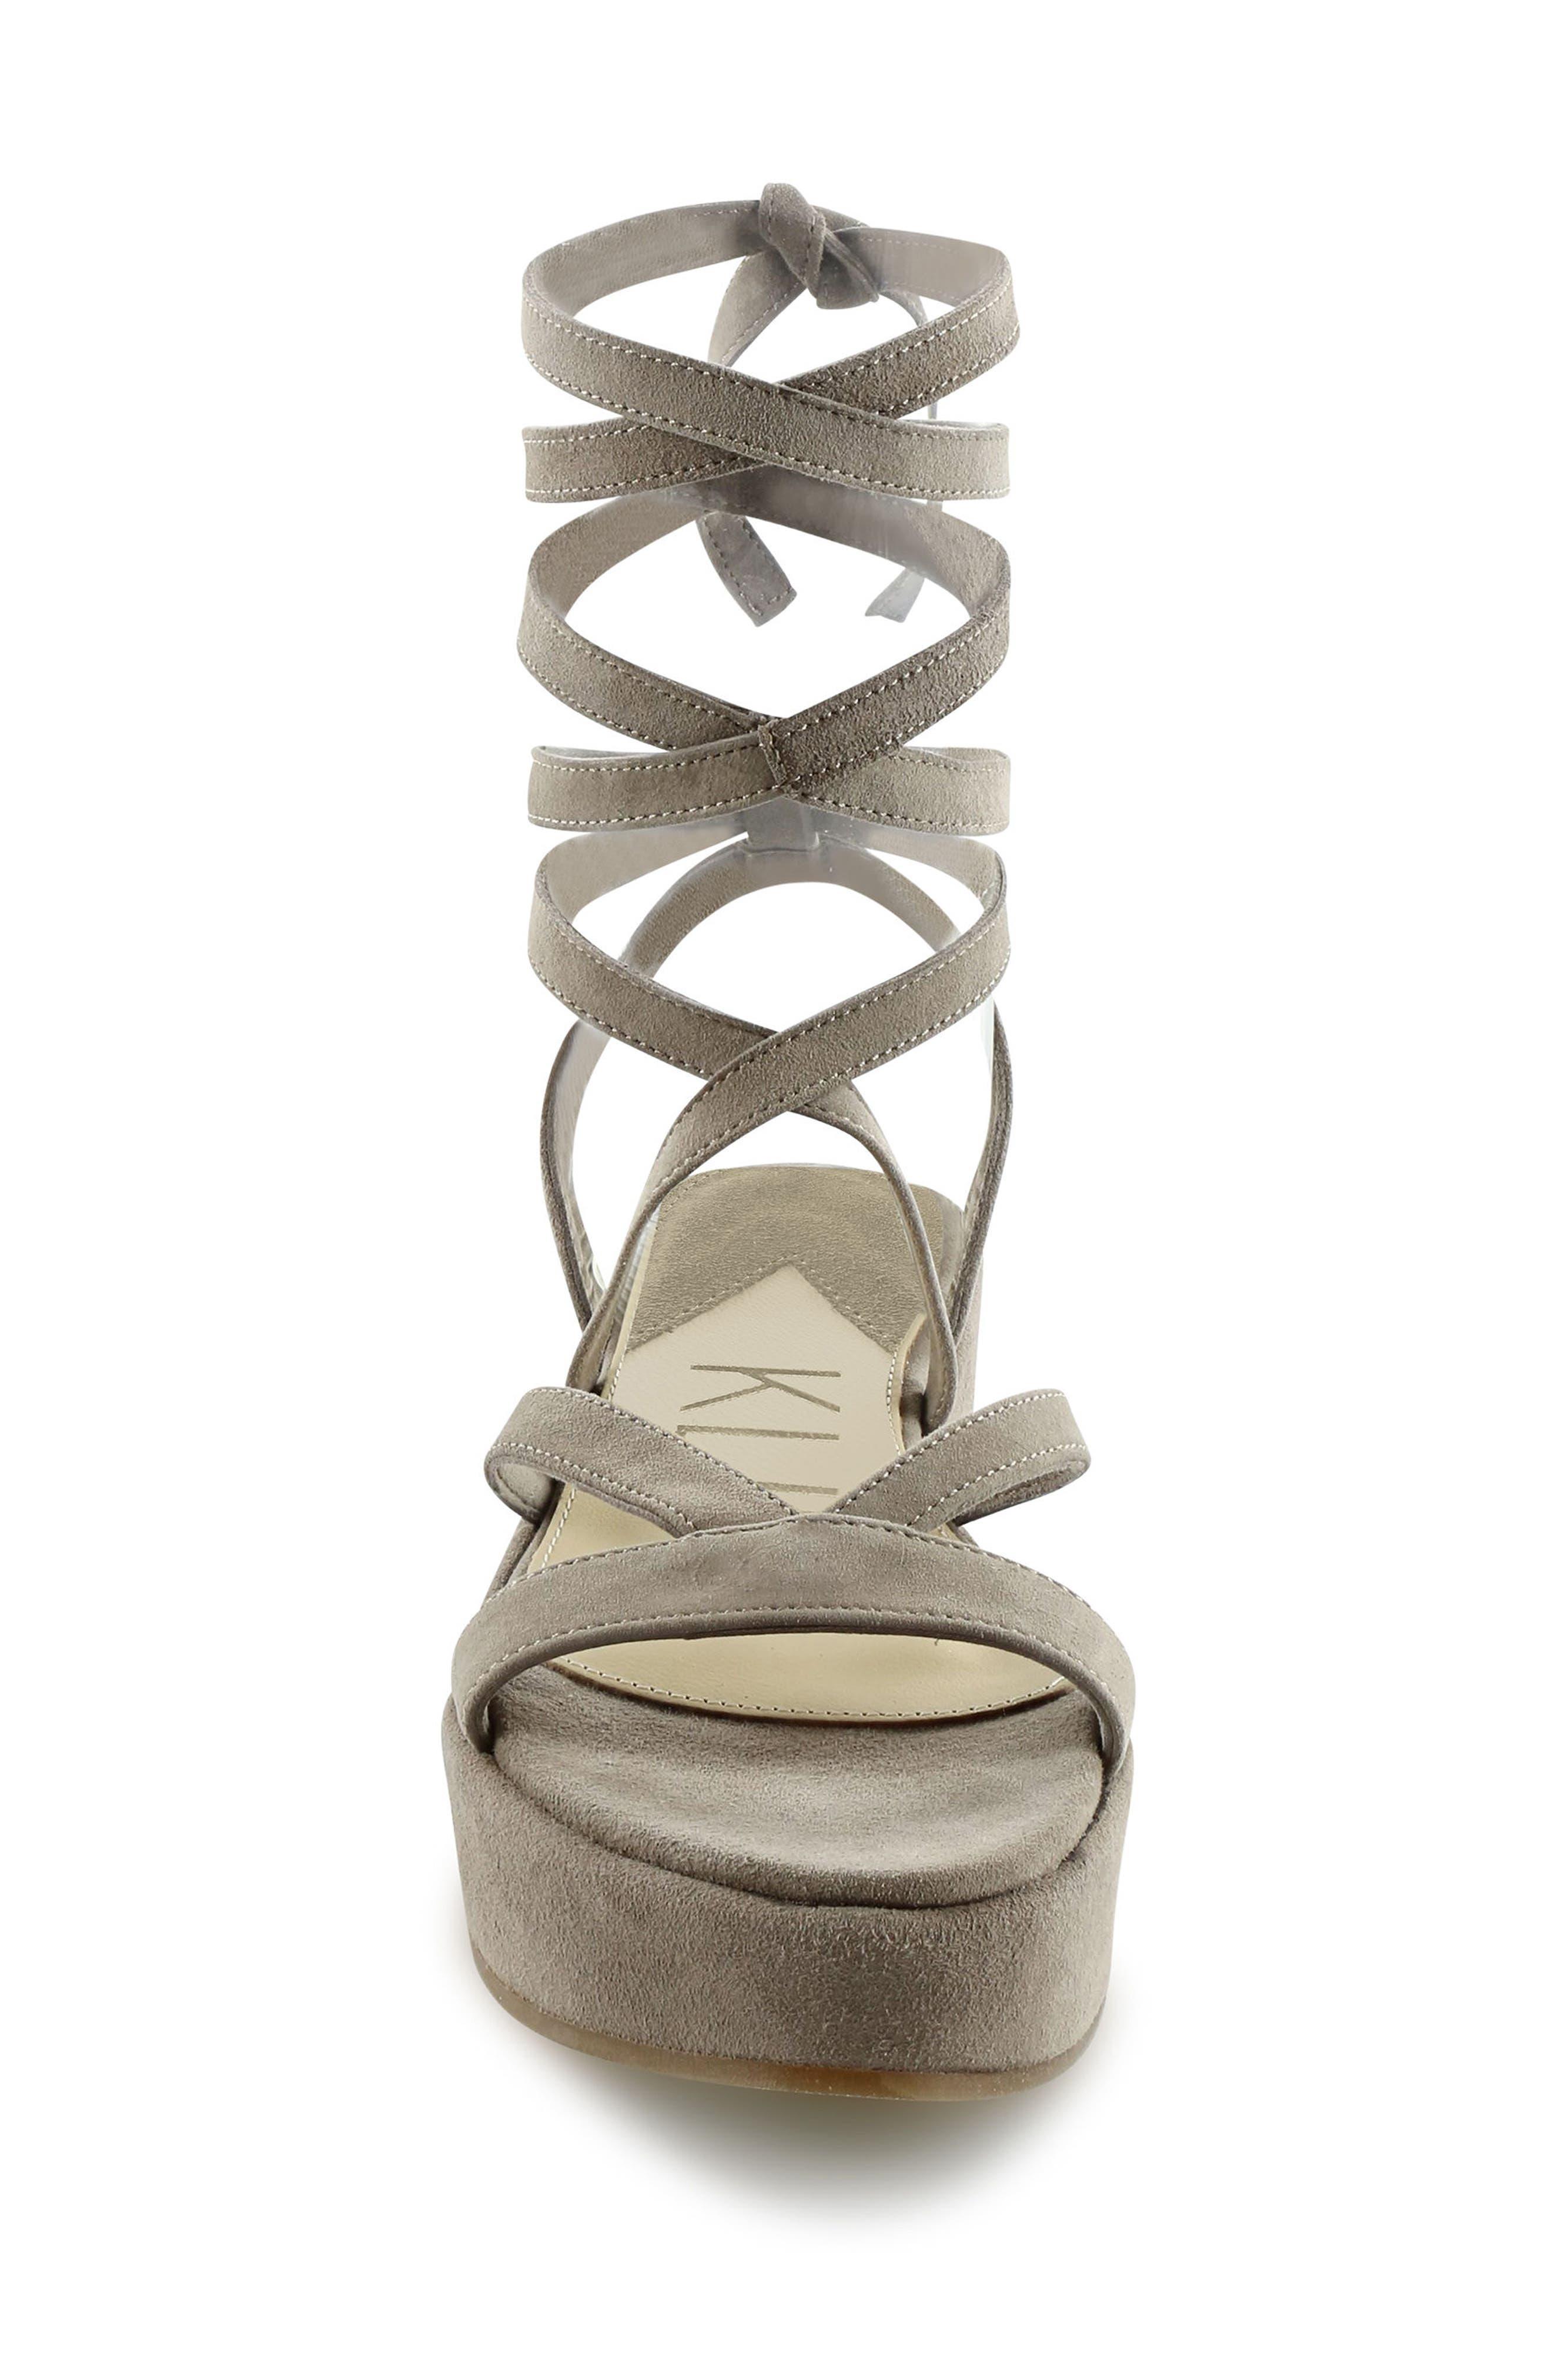 Keri Gladiator Platform Sandal,                             Alternate thumbnail 5, color,                             Camel Suede